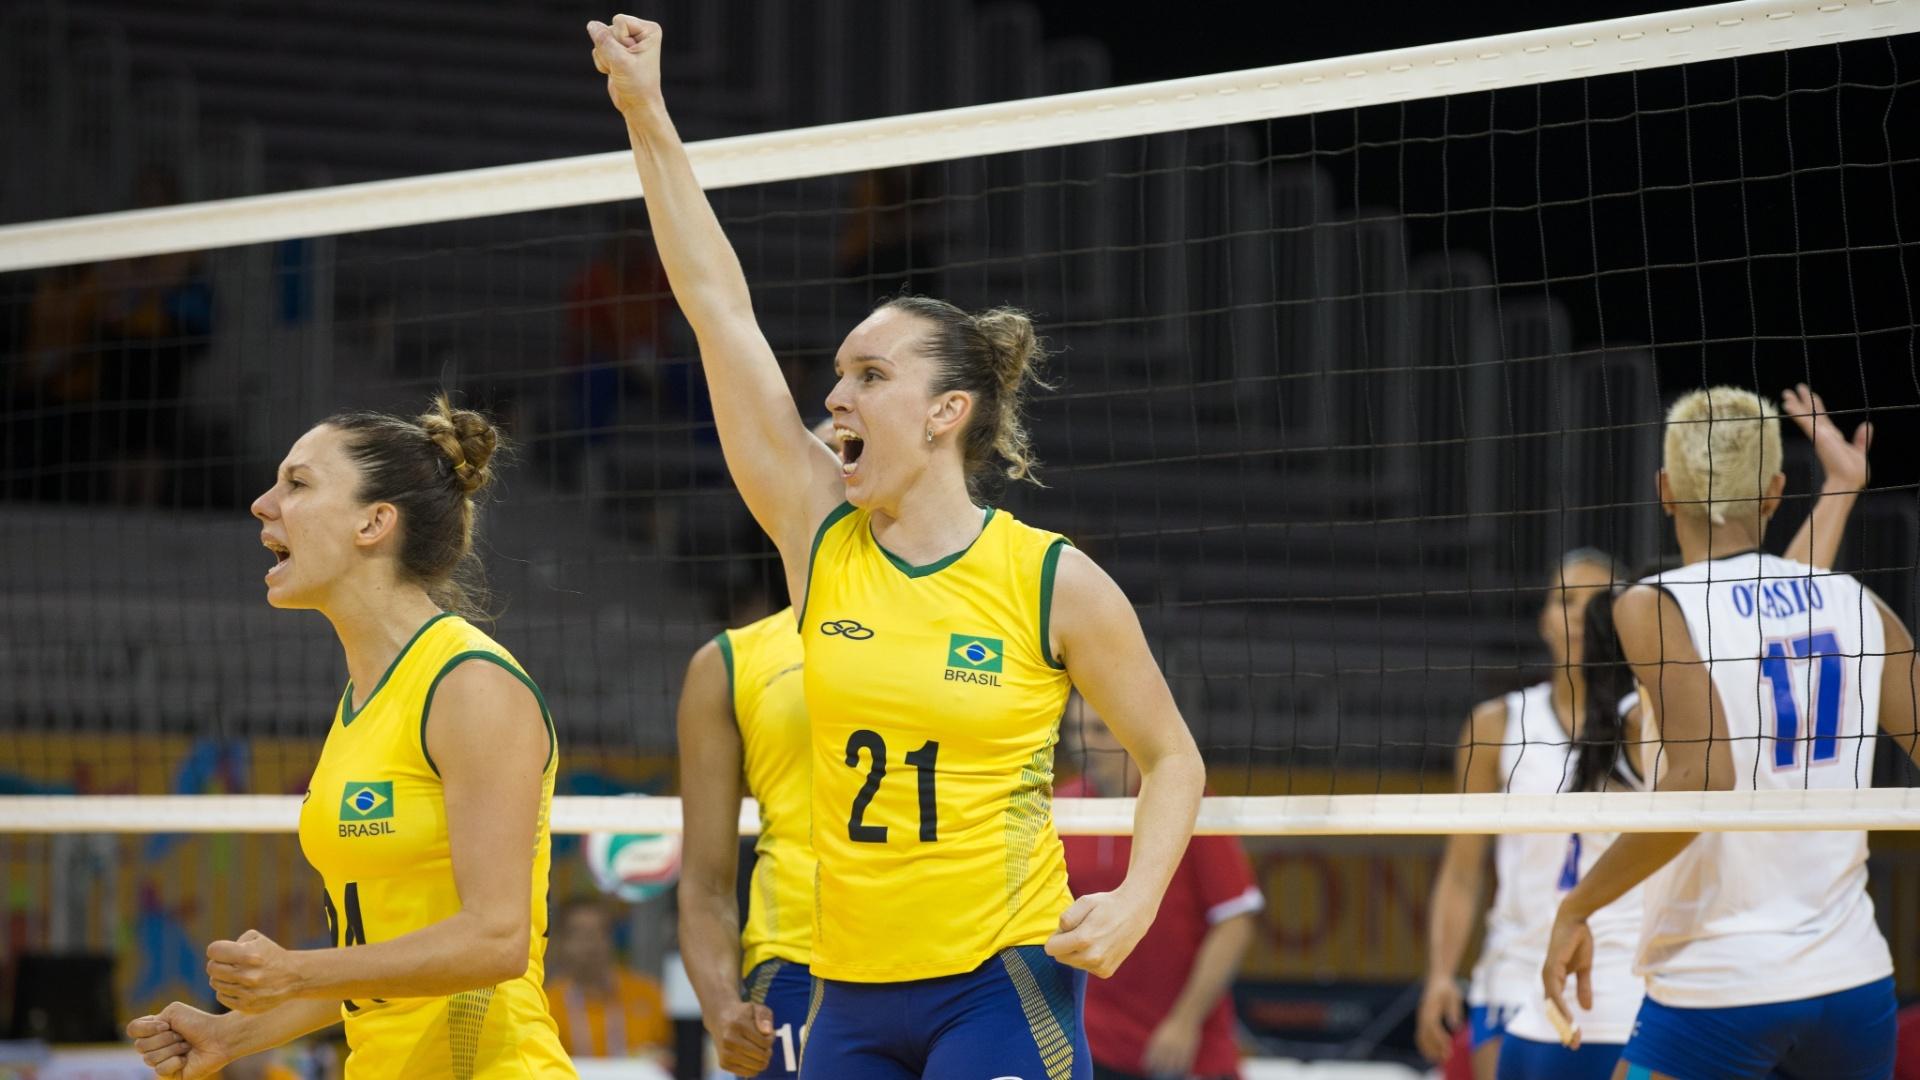 Angélica comemora ponto conquistado pela seleção brasileira contra Porto Rico